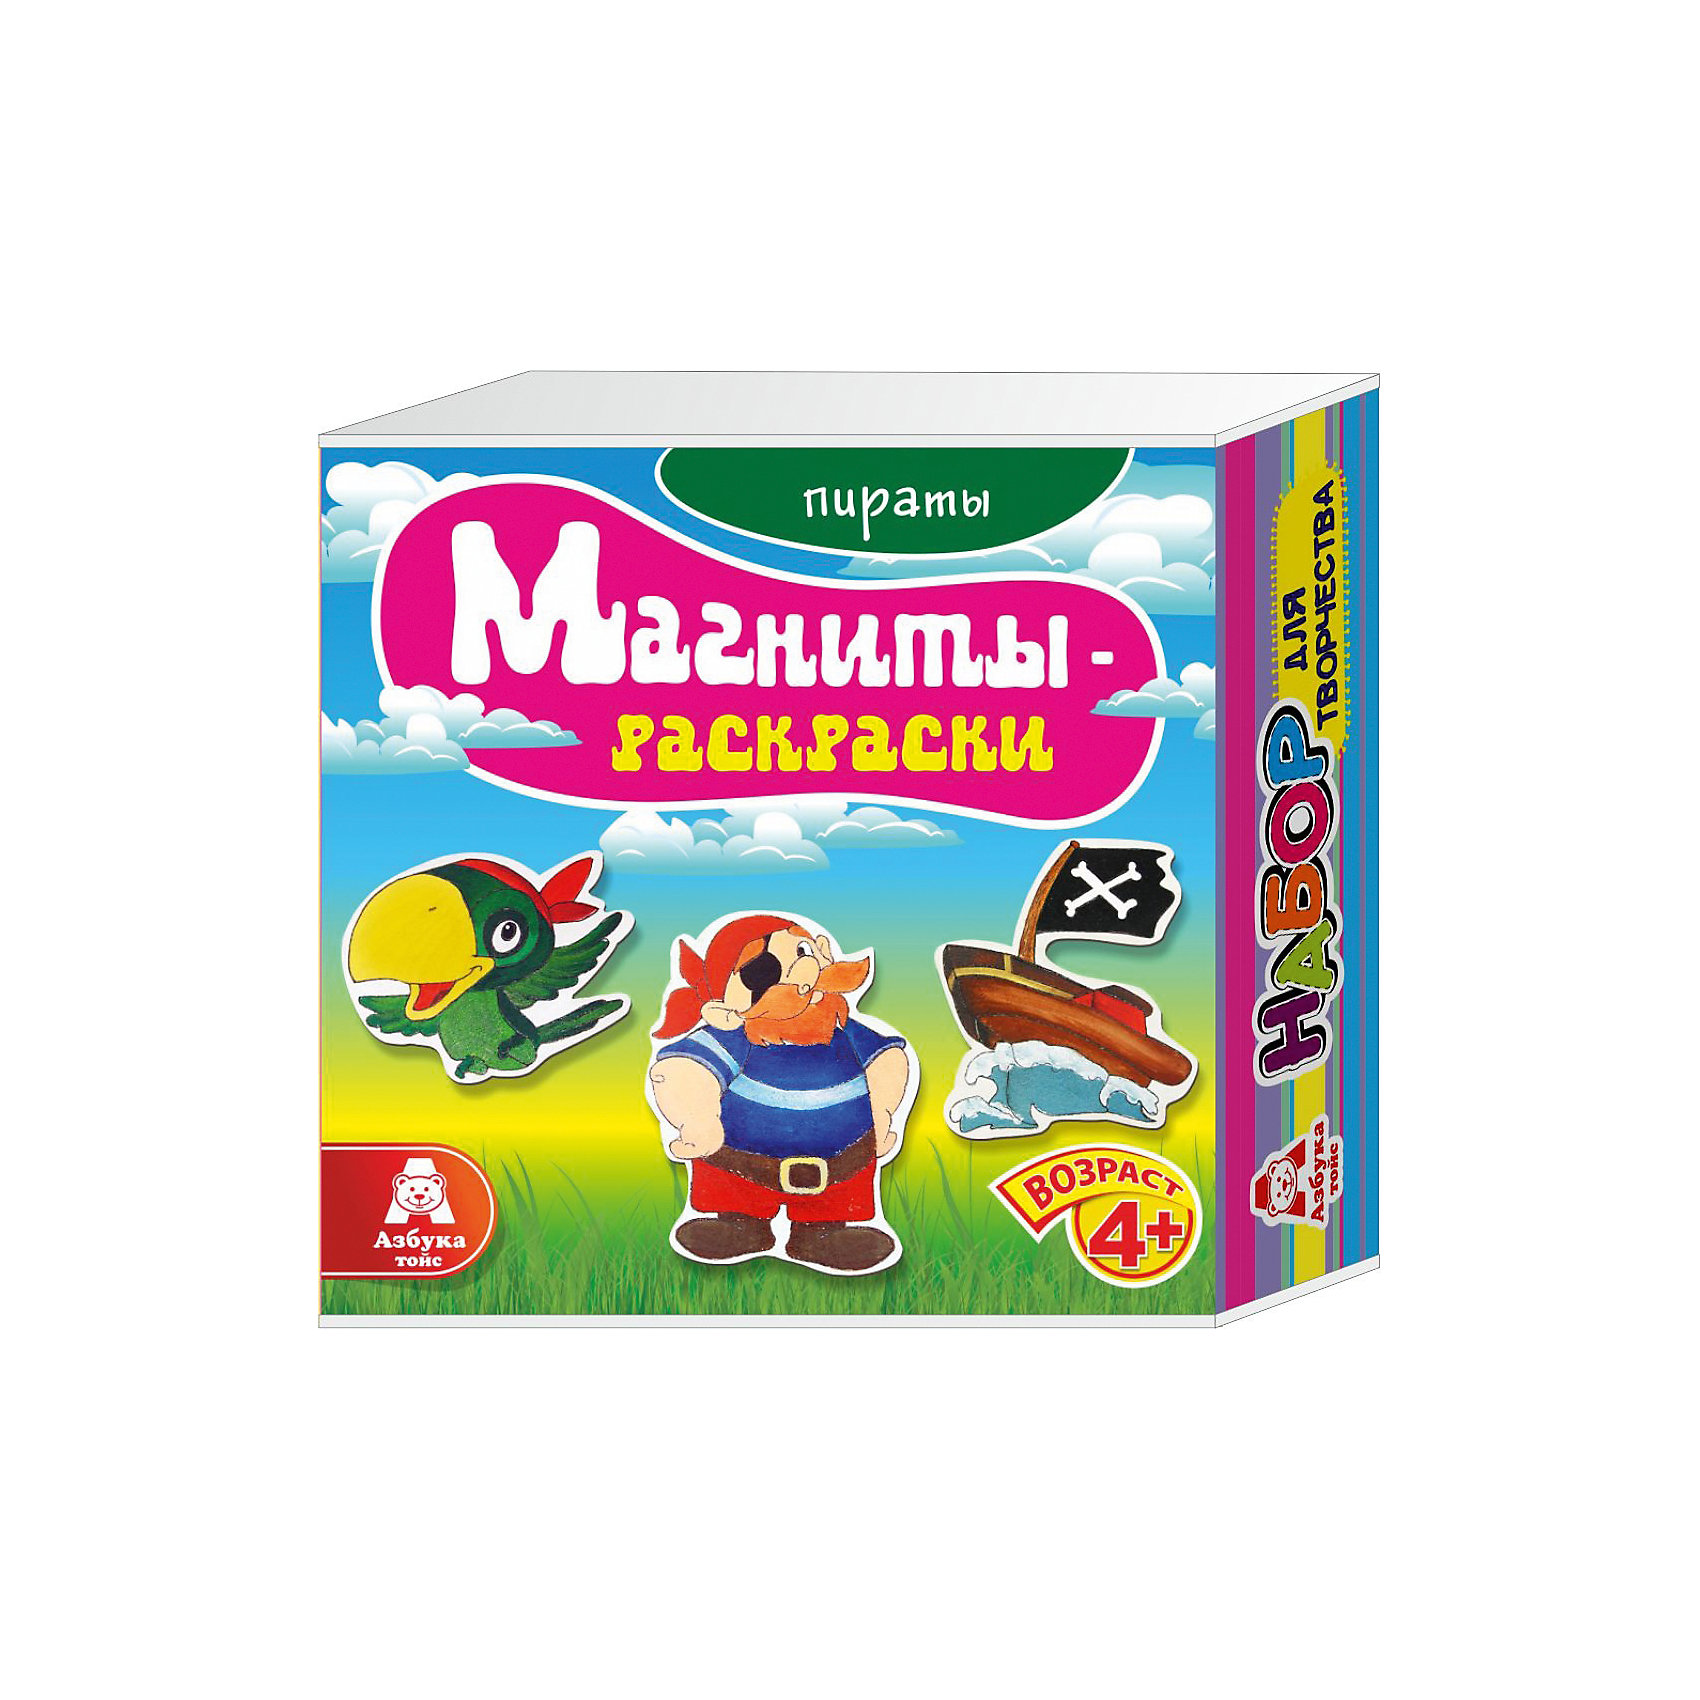 Магниты-раскраски ПиратыМагниты-раскраски Пираты.<br><br>Характеристики:<br><br>- Для детей от 4 лет<br>- В наборе: 3 деревянных элемента с изображением, набор акриловых красок из 6 цветов, кисточка, магниты, палитра, инструкция<br>- Изготовитель: ООО Азбука Тойз<br>- Сделано в России<br>- Упаковка: картонная коробка<br>- Размер упаковки: 14х5х14 см.<br>- Вес: 174 гр.<br><br>Набор магниты-раскраски Пираты поможет ребенку проявить свои творческие способности и познакомиться с цветами, красками и оттенками. В наборе имеются 3 фигурки из натурального дерева в виде пирата, его верного спутника попугая и пиратского корабля, которые нужно раскрасить красками. Фигурки можно раскрасить акриловыми красками, входящими в набор, а так же пальчиковыми красками, карандашами, пластилином или восковыми мелками. Фигурки будут хорошо держаться на холодильнике или любой другой металлической поверхности благодаря надежным магнитам. С набором для творчества магниты-раскраски Пираты ваш ребенок разовьет воображение, художественные навыки и цветовосприятие.<br><br>Магниты-раскраски Пираты можно купить в нашем интернет-магазине.<br><br>Ширина мм: 140<br>Глубина мм: 50<br>Высота мм: 140<br>Вес г: 174<br>Возраст от месяцев: 48<br>Возраст до месяцев: 108<br>Пол: Мужской<br>Возраст: Детский<br>SKU: 5062917